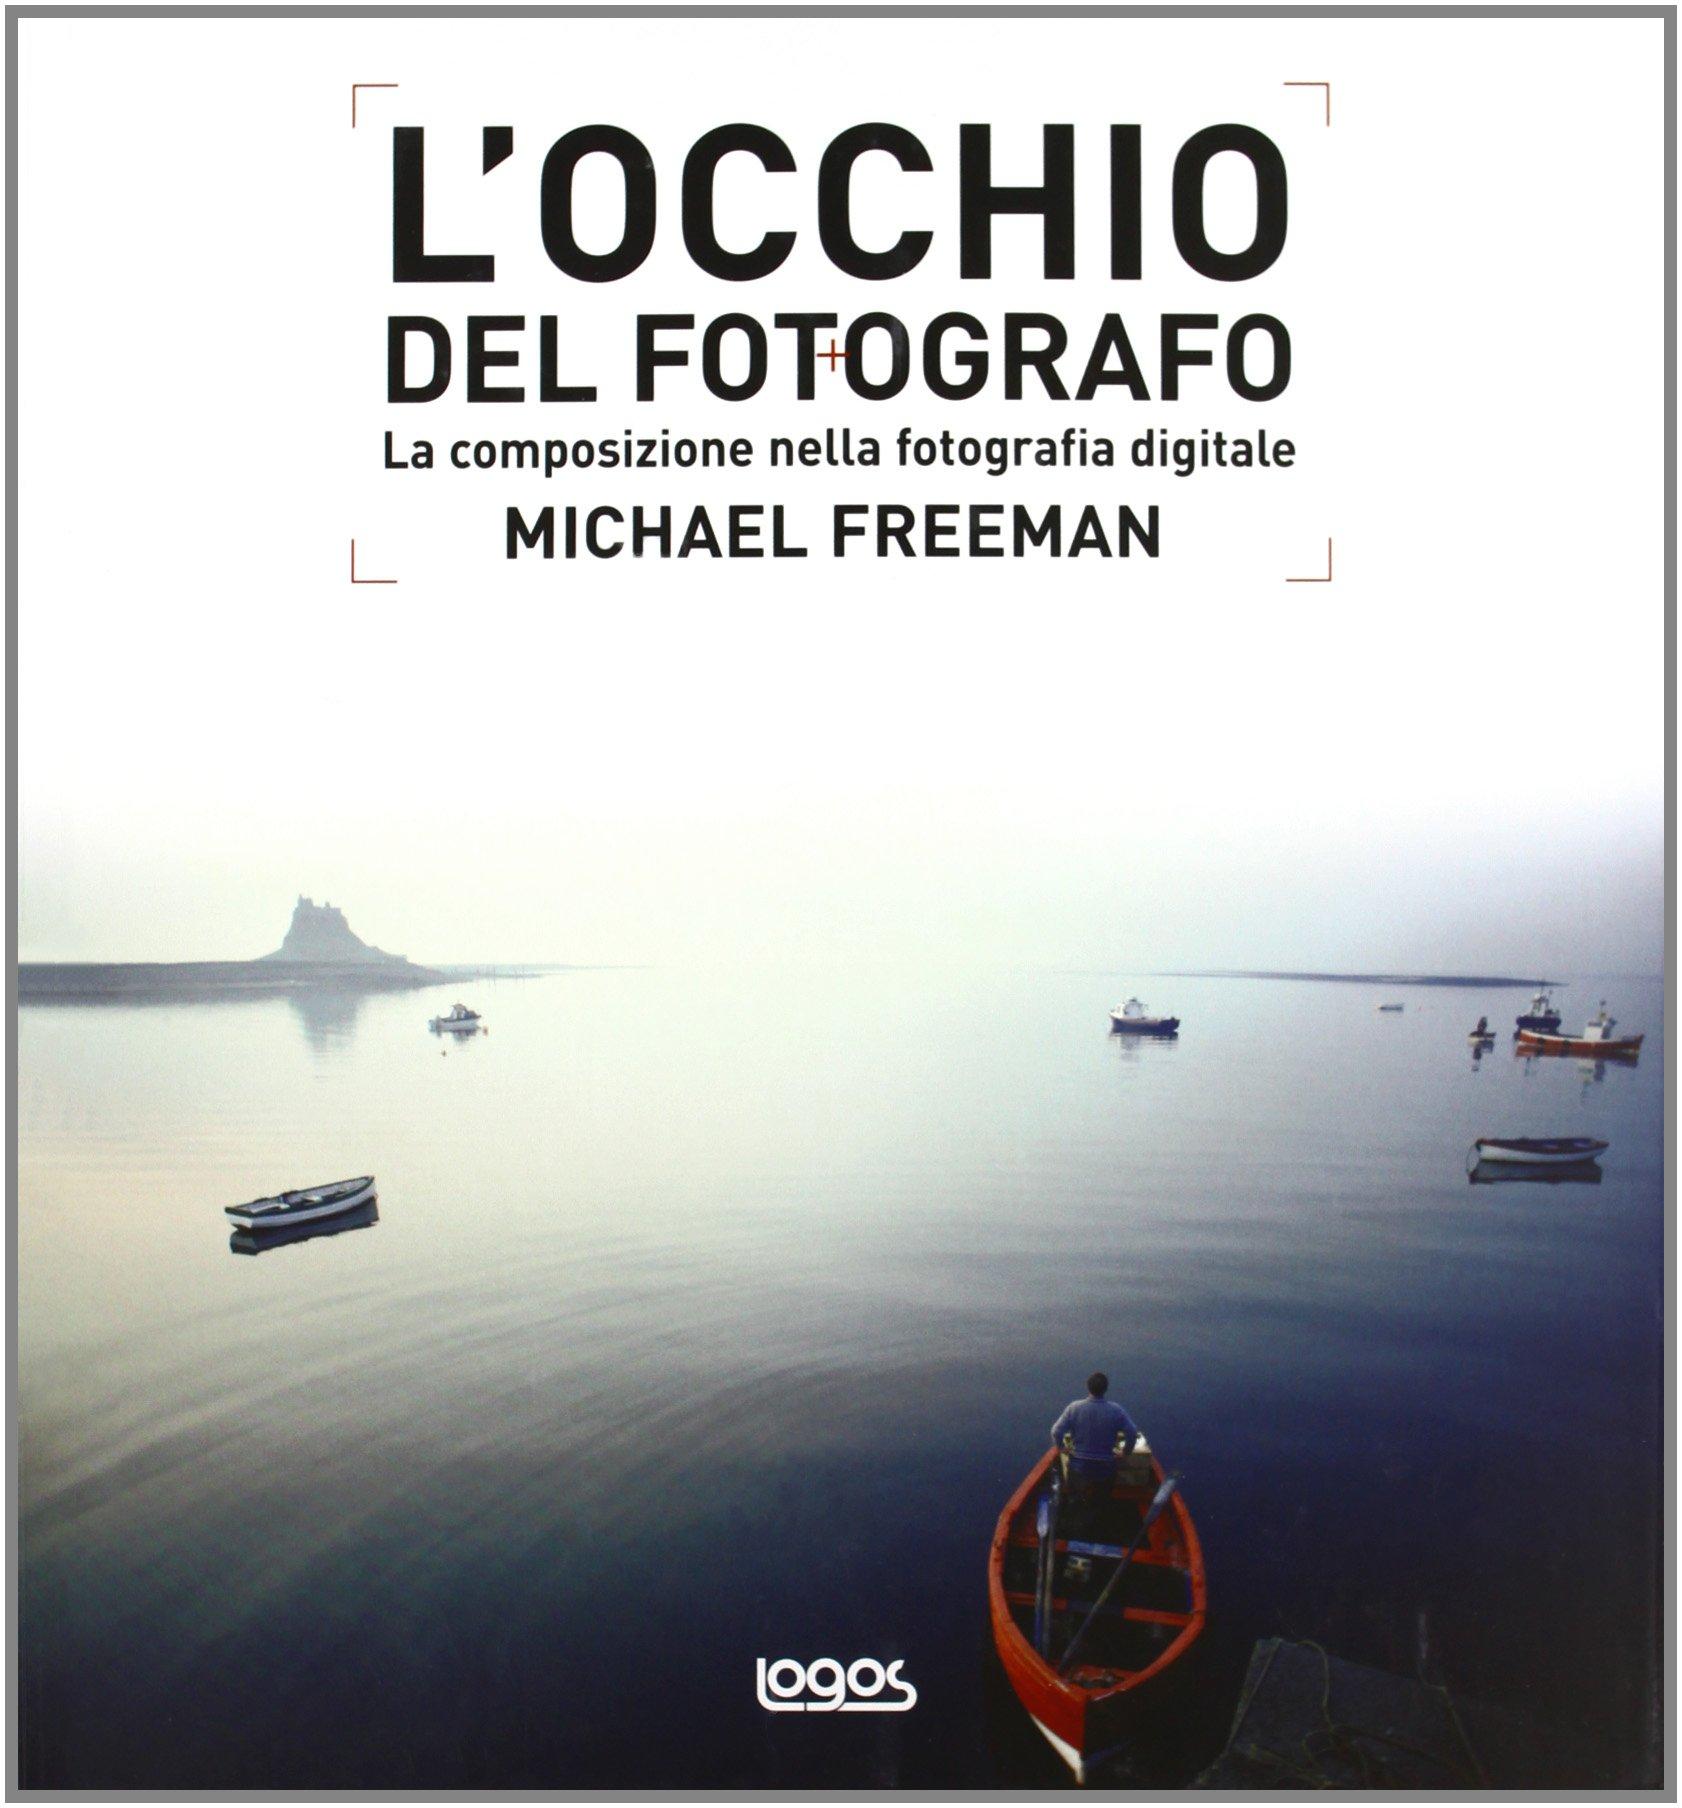 L'occhio del fotografo (la composizione nella fotografia digitale) - Michael Freeman